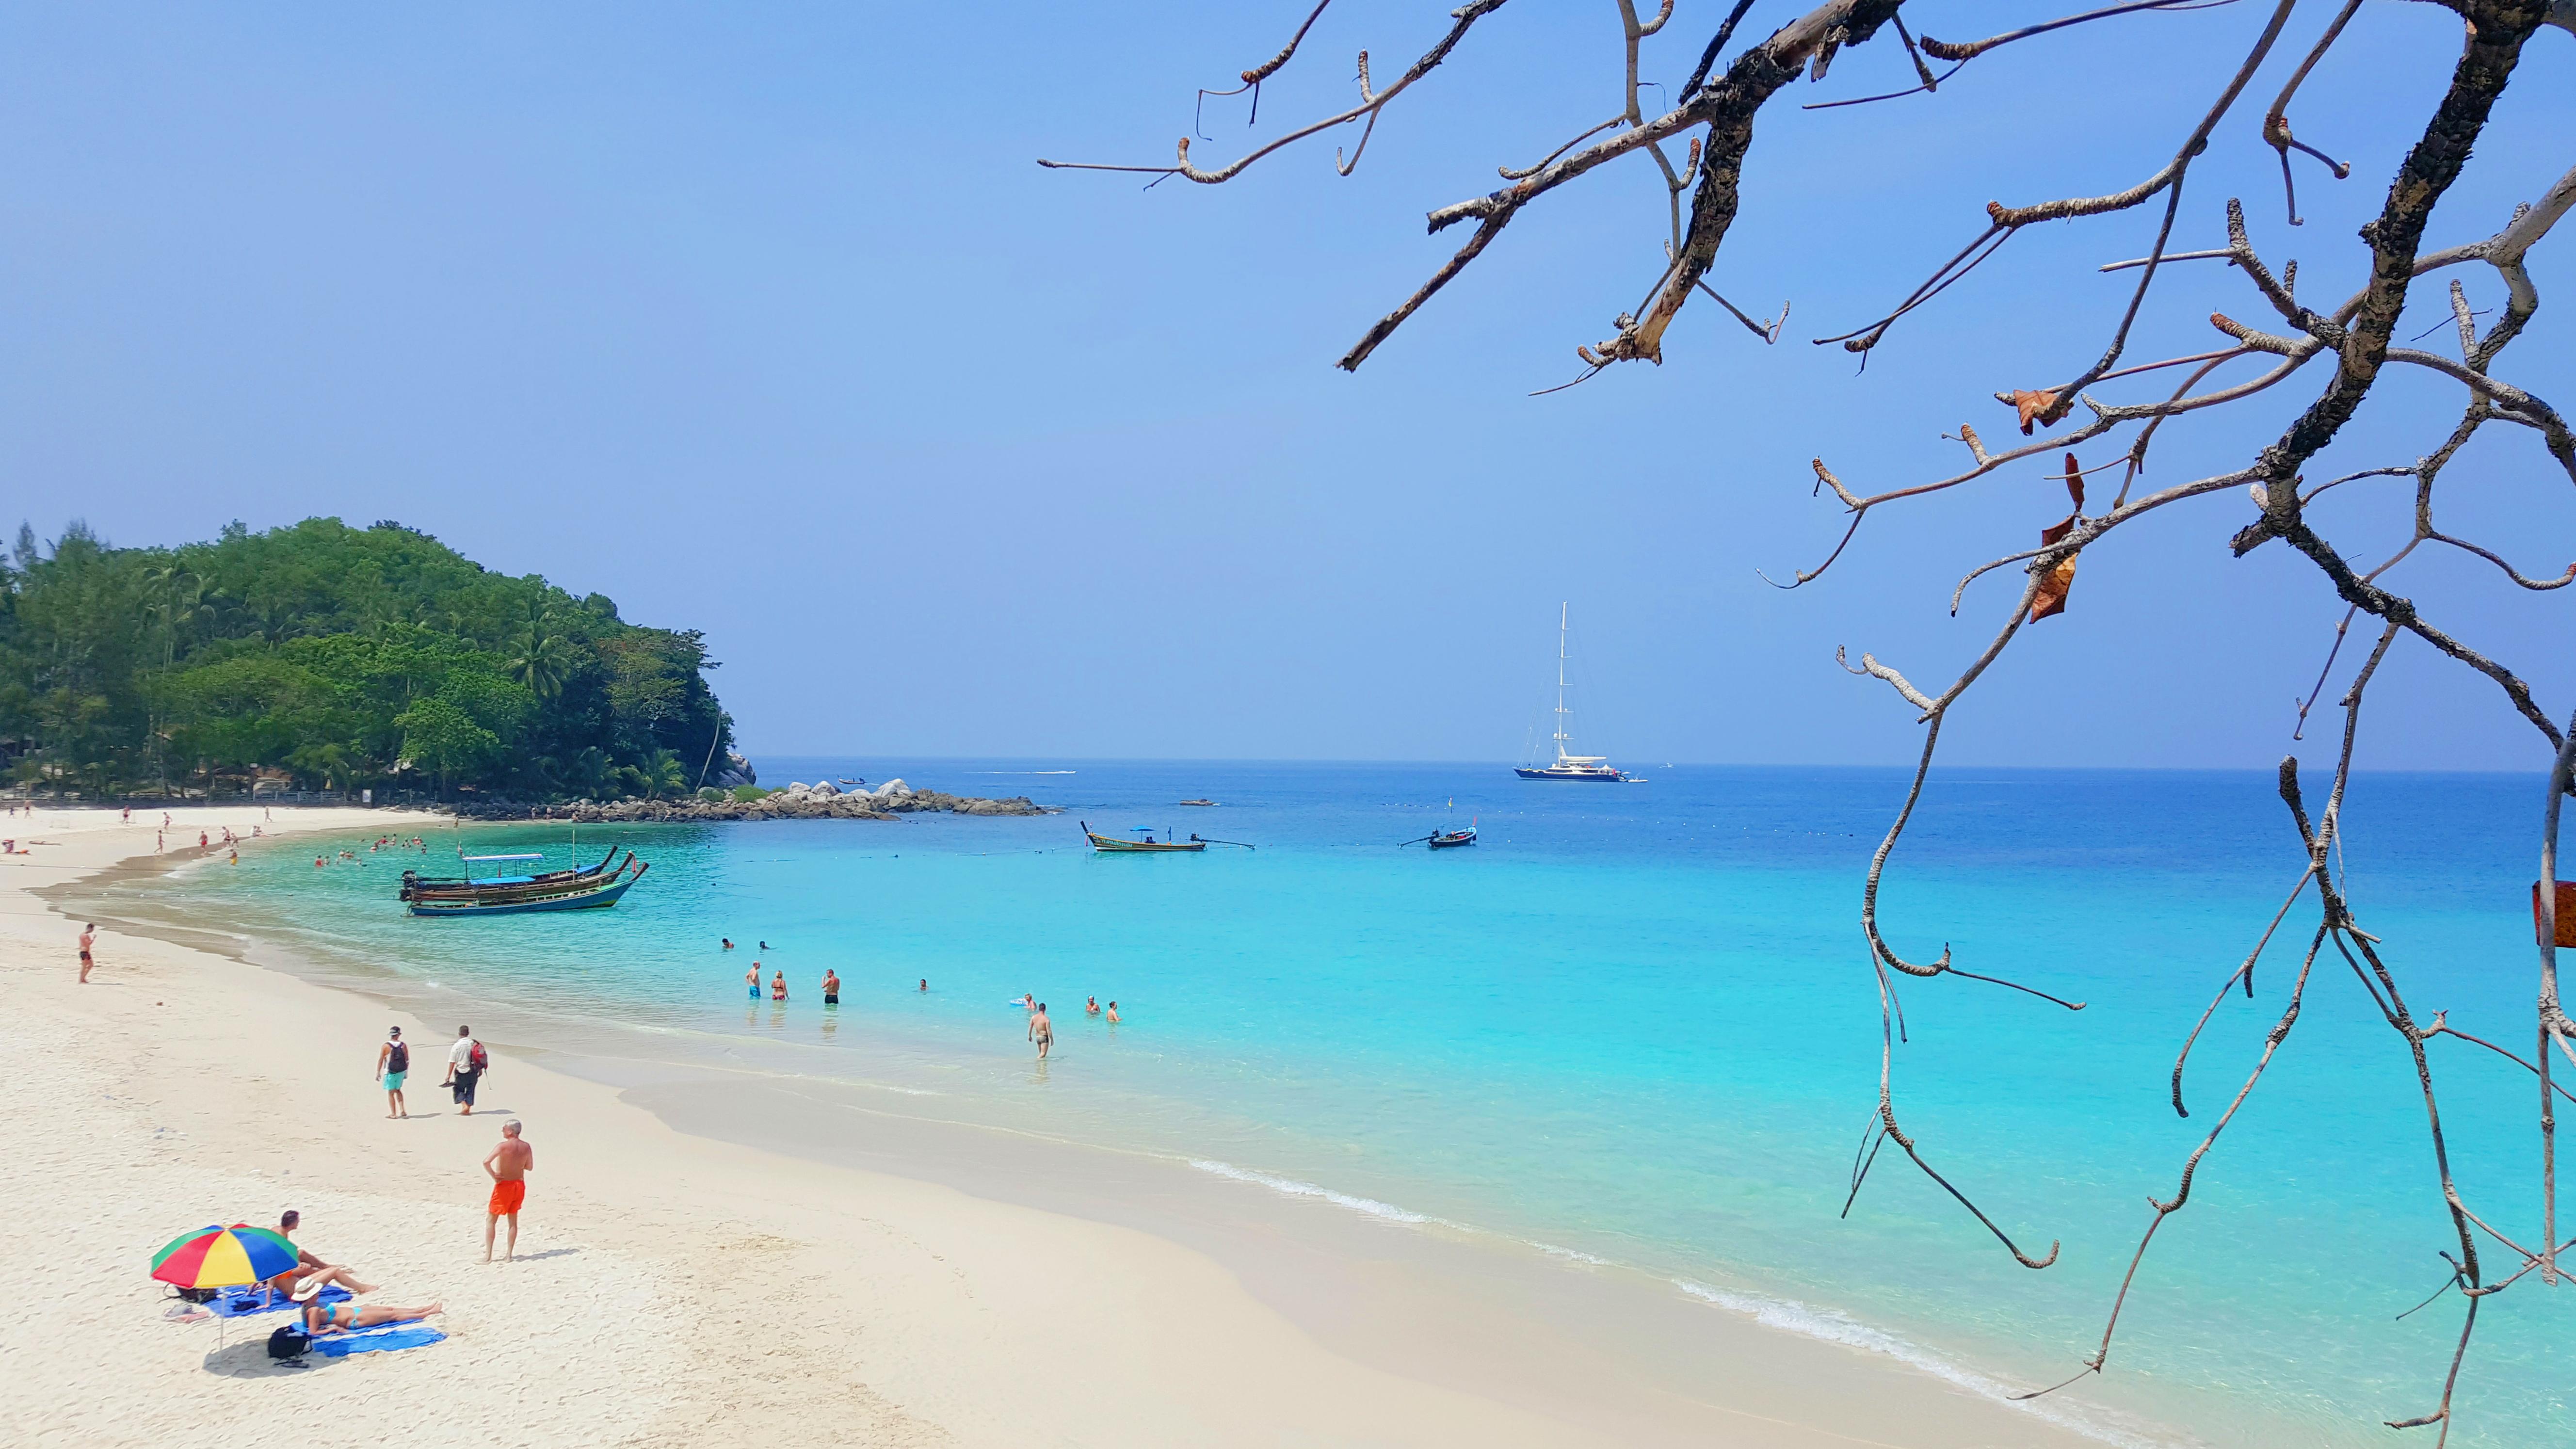 ทะเลใส หาดทรายขาวที่ Freedom Beach จ.ภูเก็ต